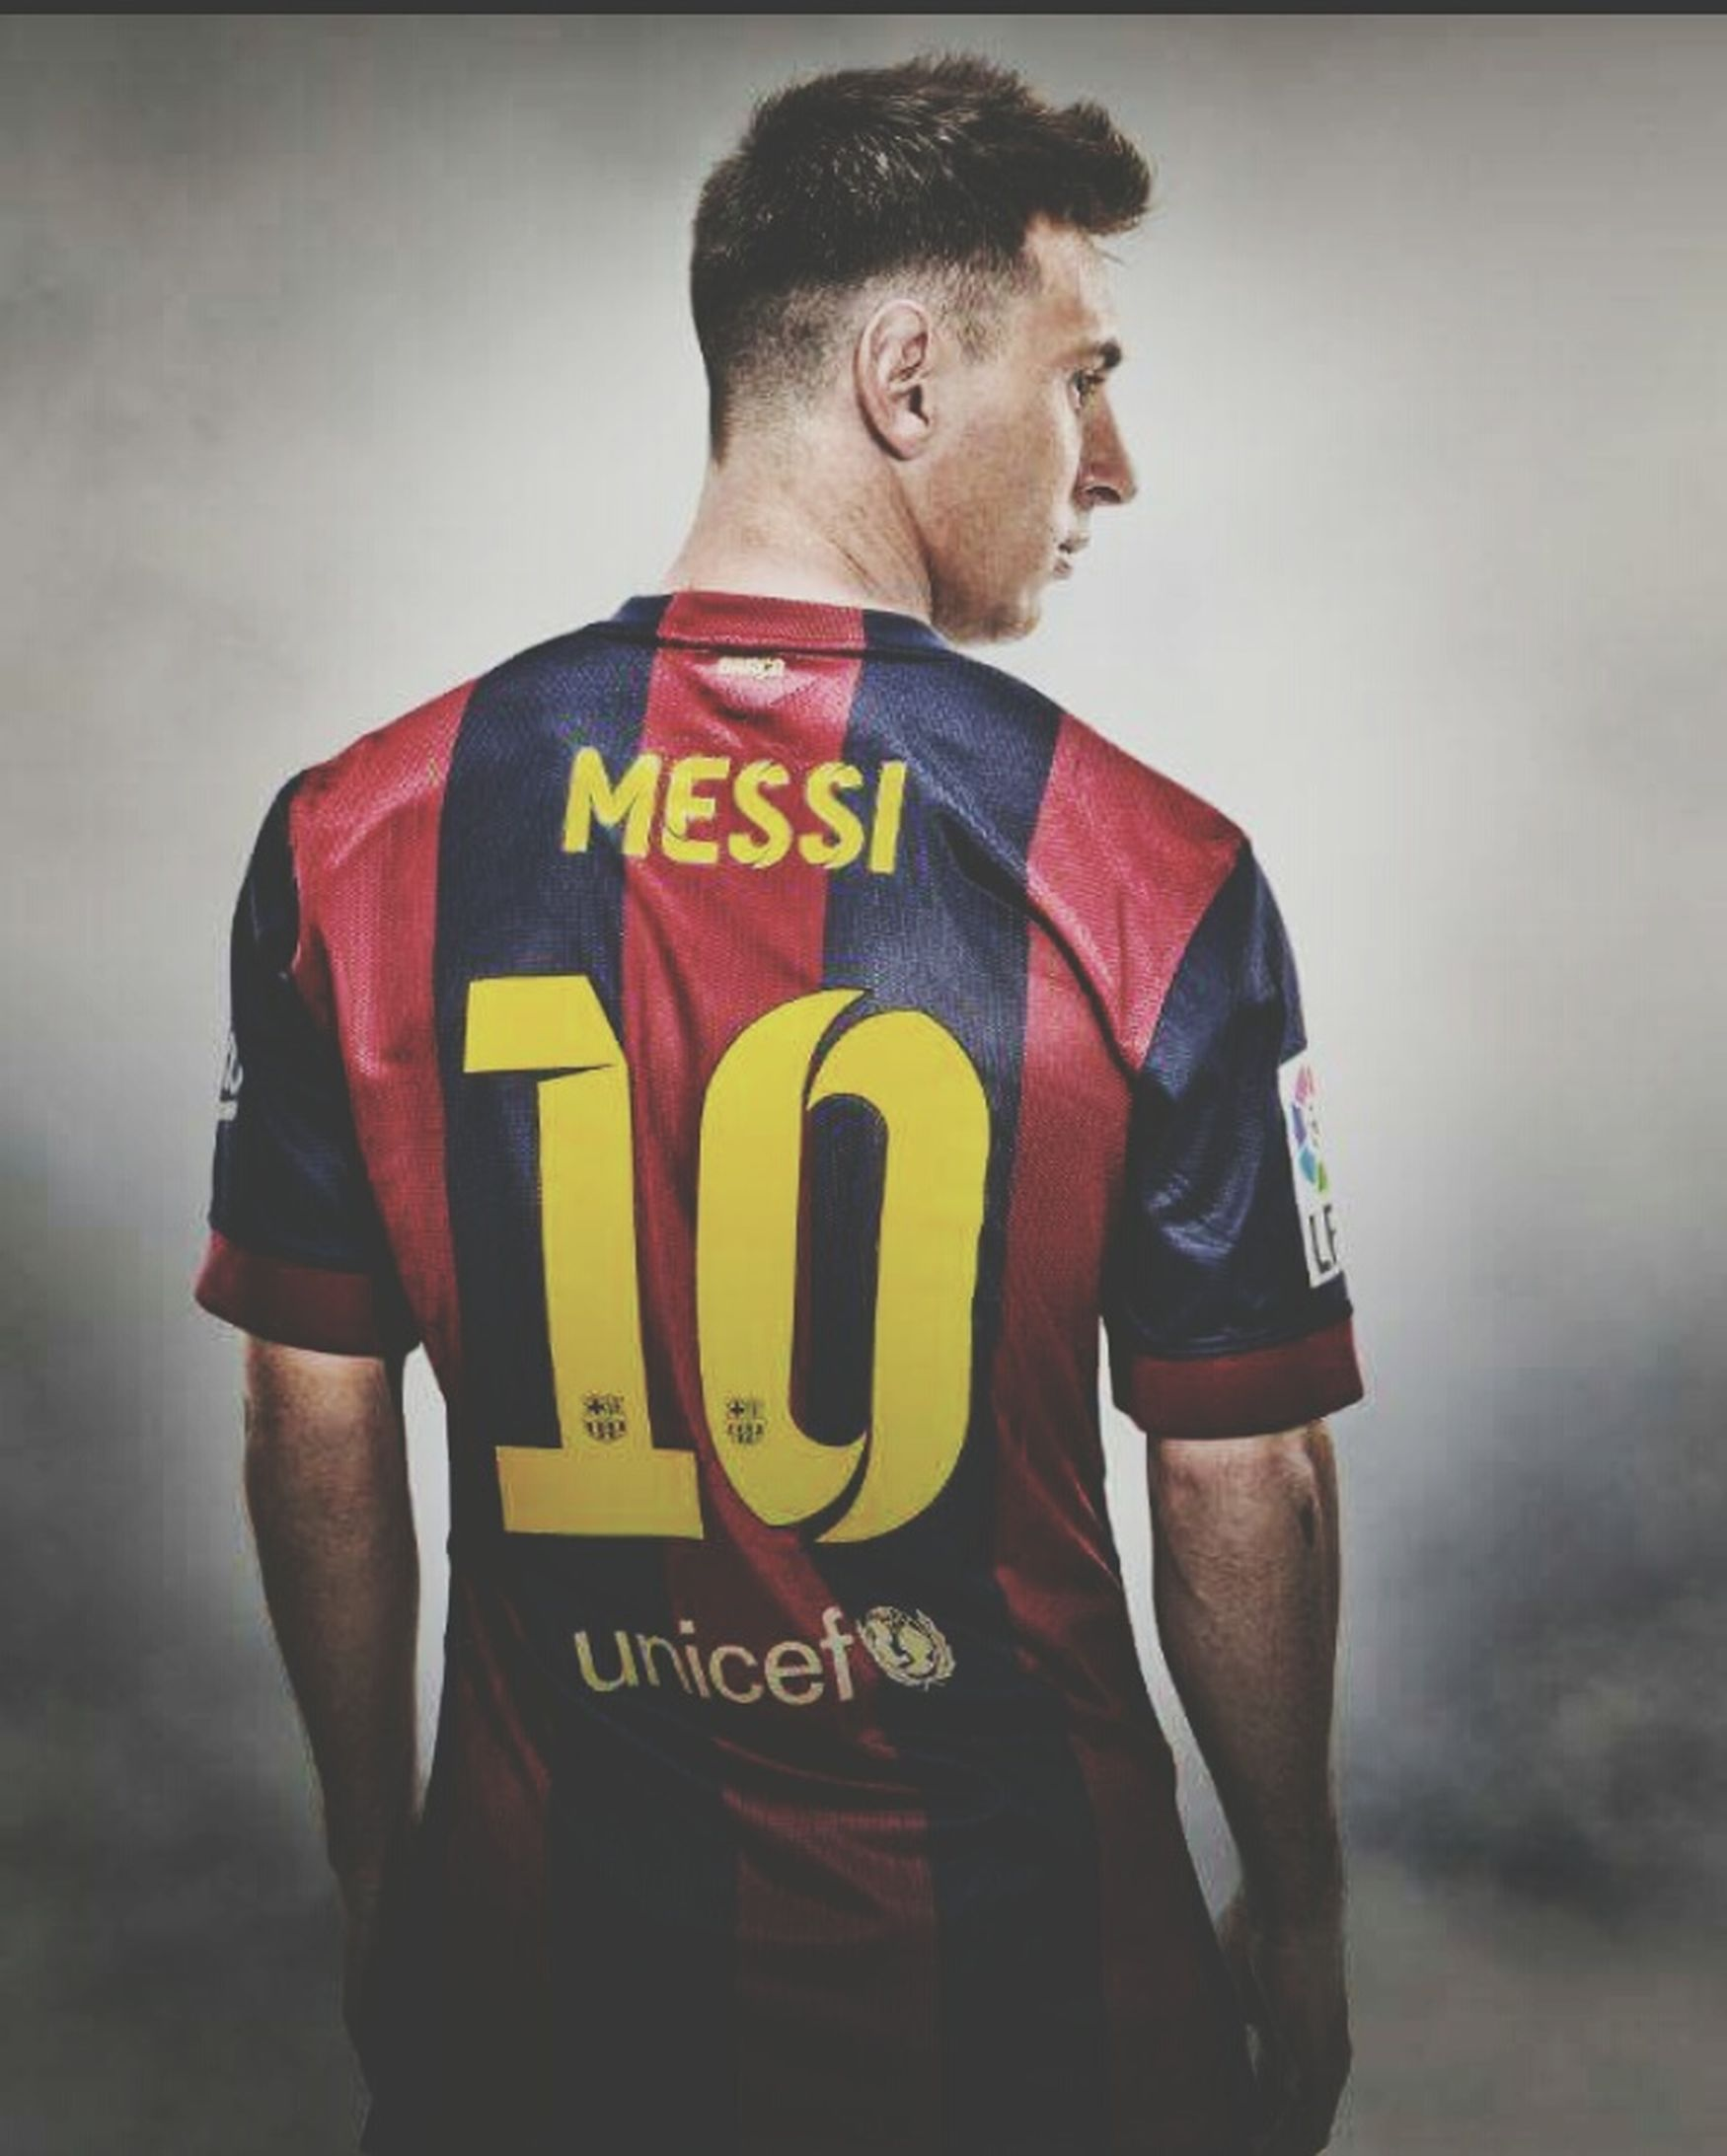 Messi❤ Soccerislife